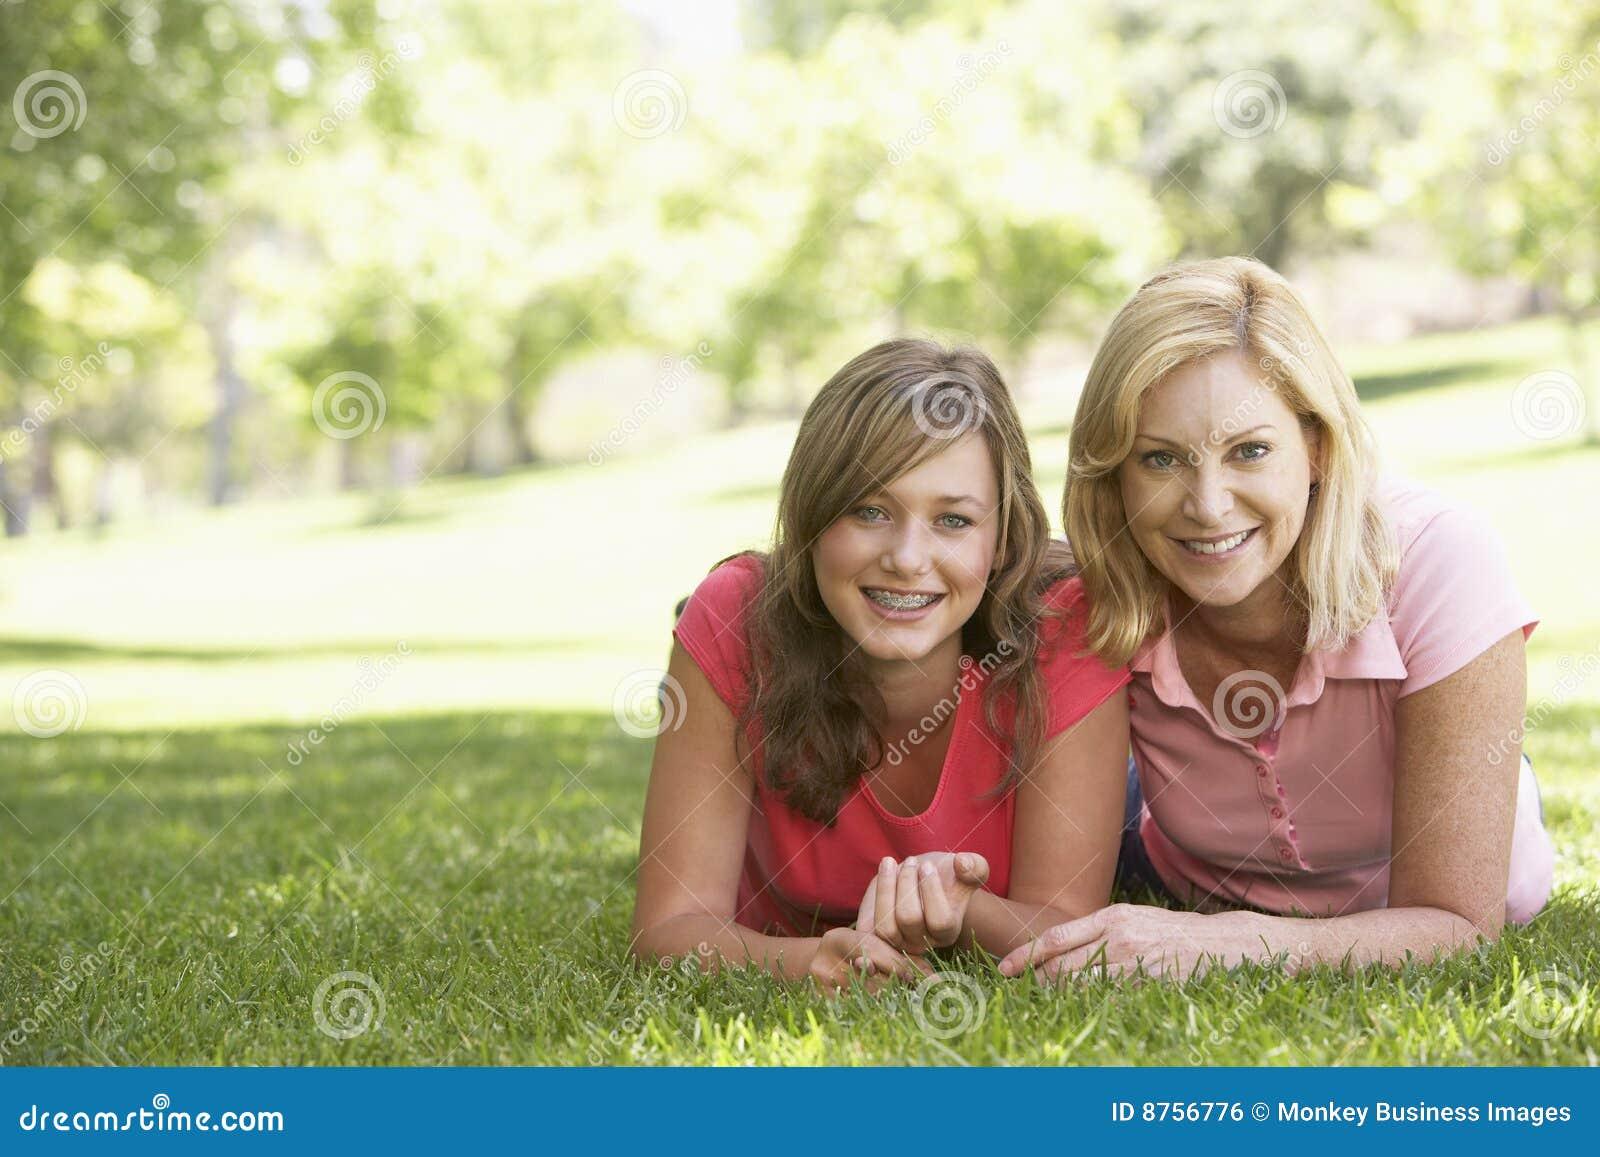 Частное мама и дочь 19 фотография